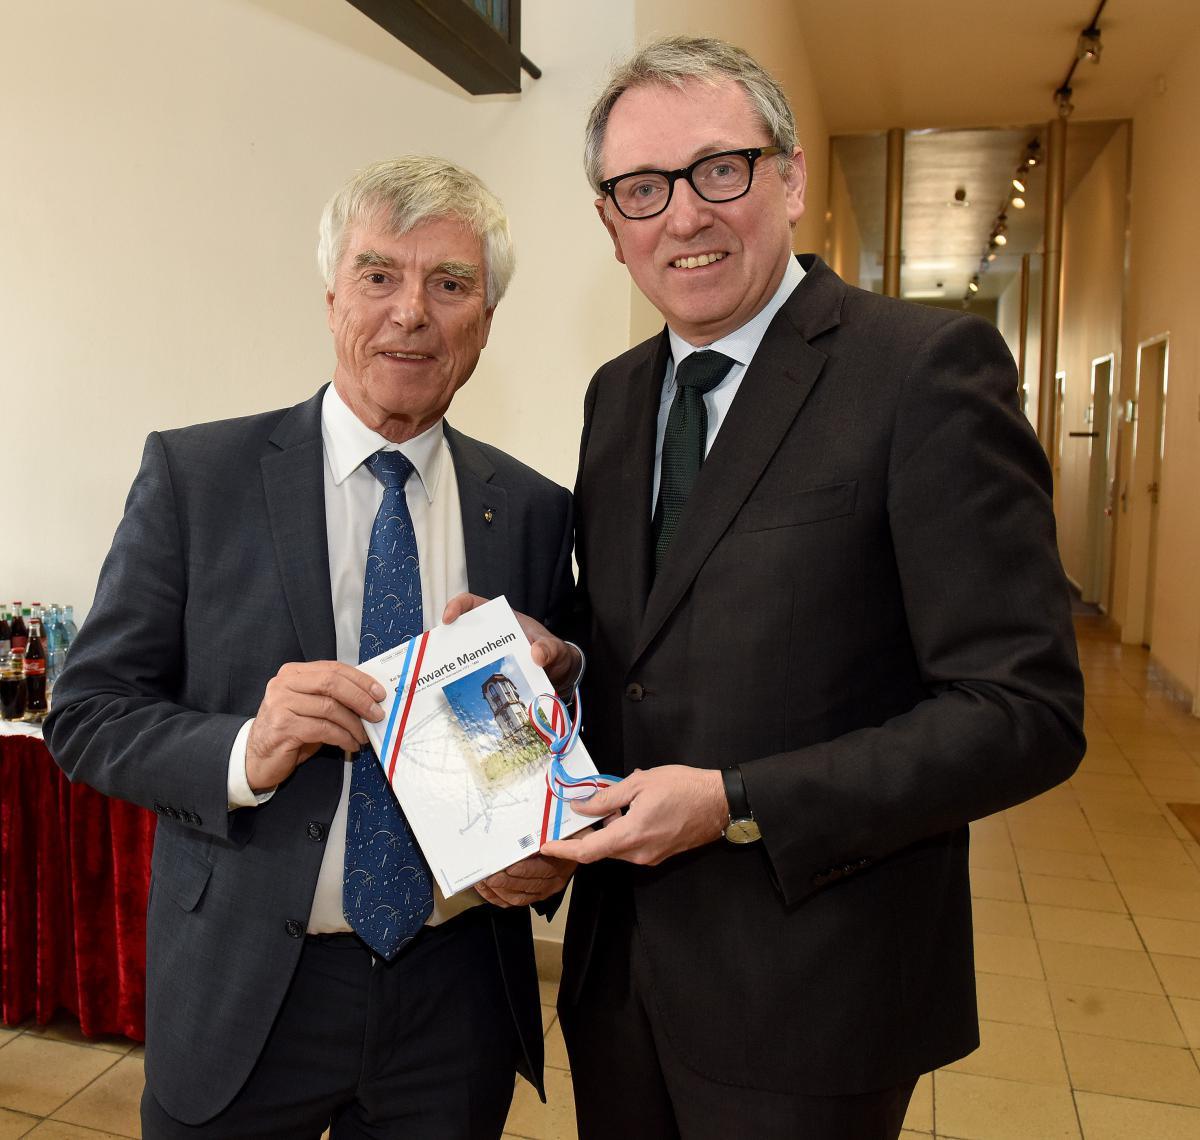 Oberbürgermeister Dr. Peter Kurz zusammen mit Ulf Merbold © Stadt Mannheim, Fachbereich Presse und Kommunikation, Bild: Thomas Tröster